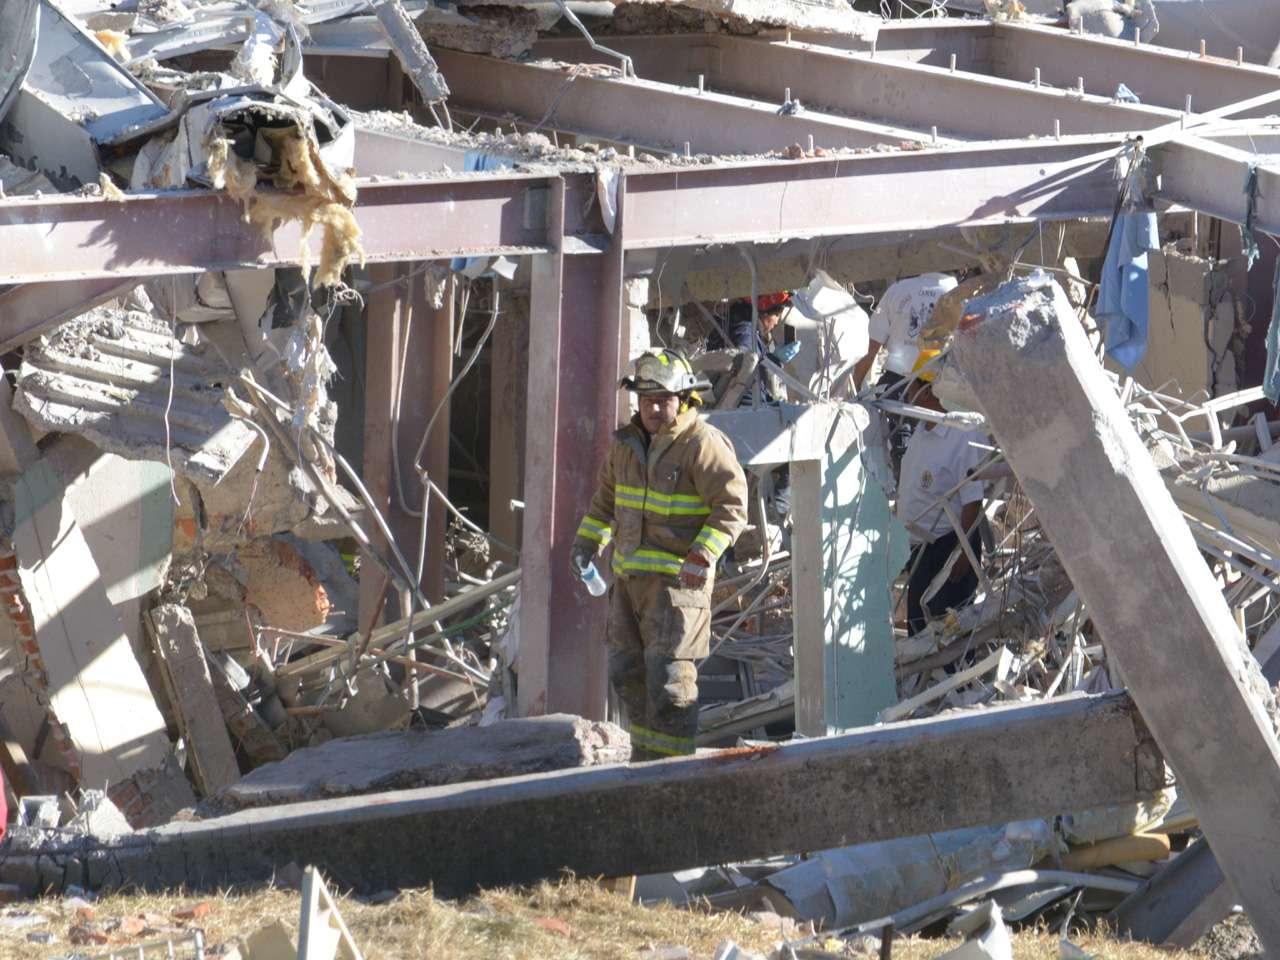 Equipos de rescate trabajan entre los escombros causados por una explosión en un hospital en Cuajimalpa, Ciudad de México. Las autoridades reportaron al menos dos personas muertas y decenas de heridos. Foto: AFP en español